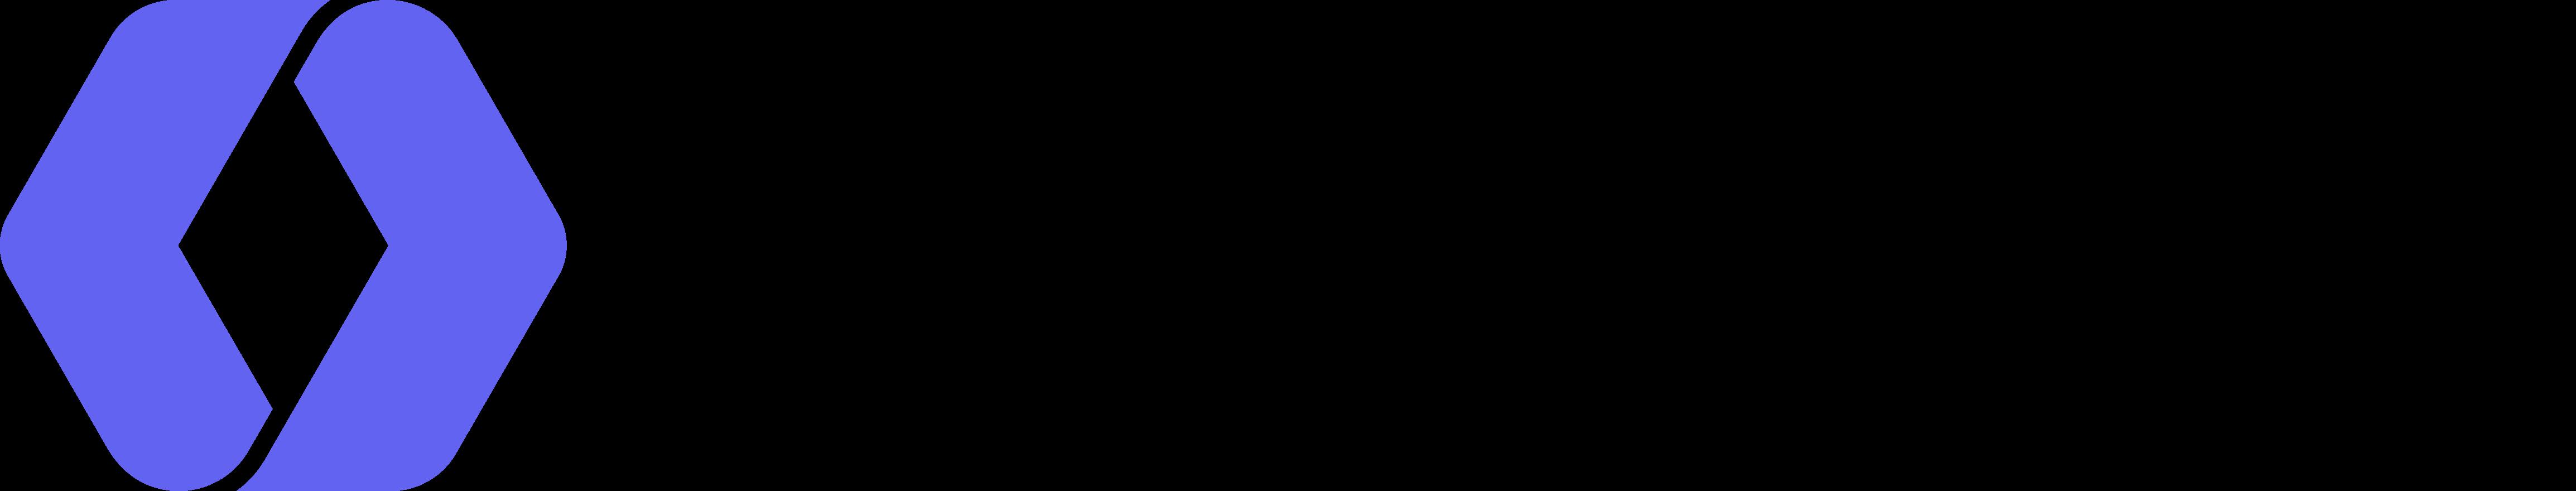 WorkOS logo